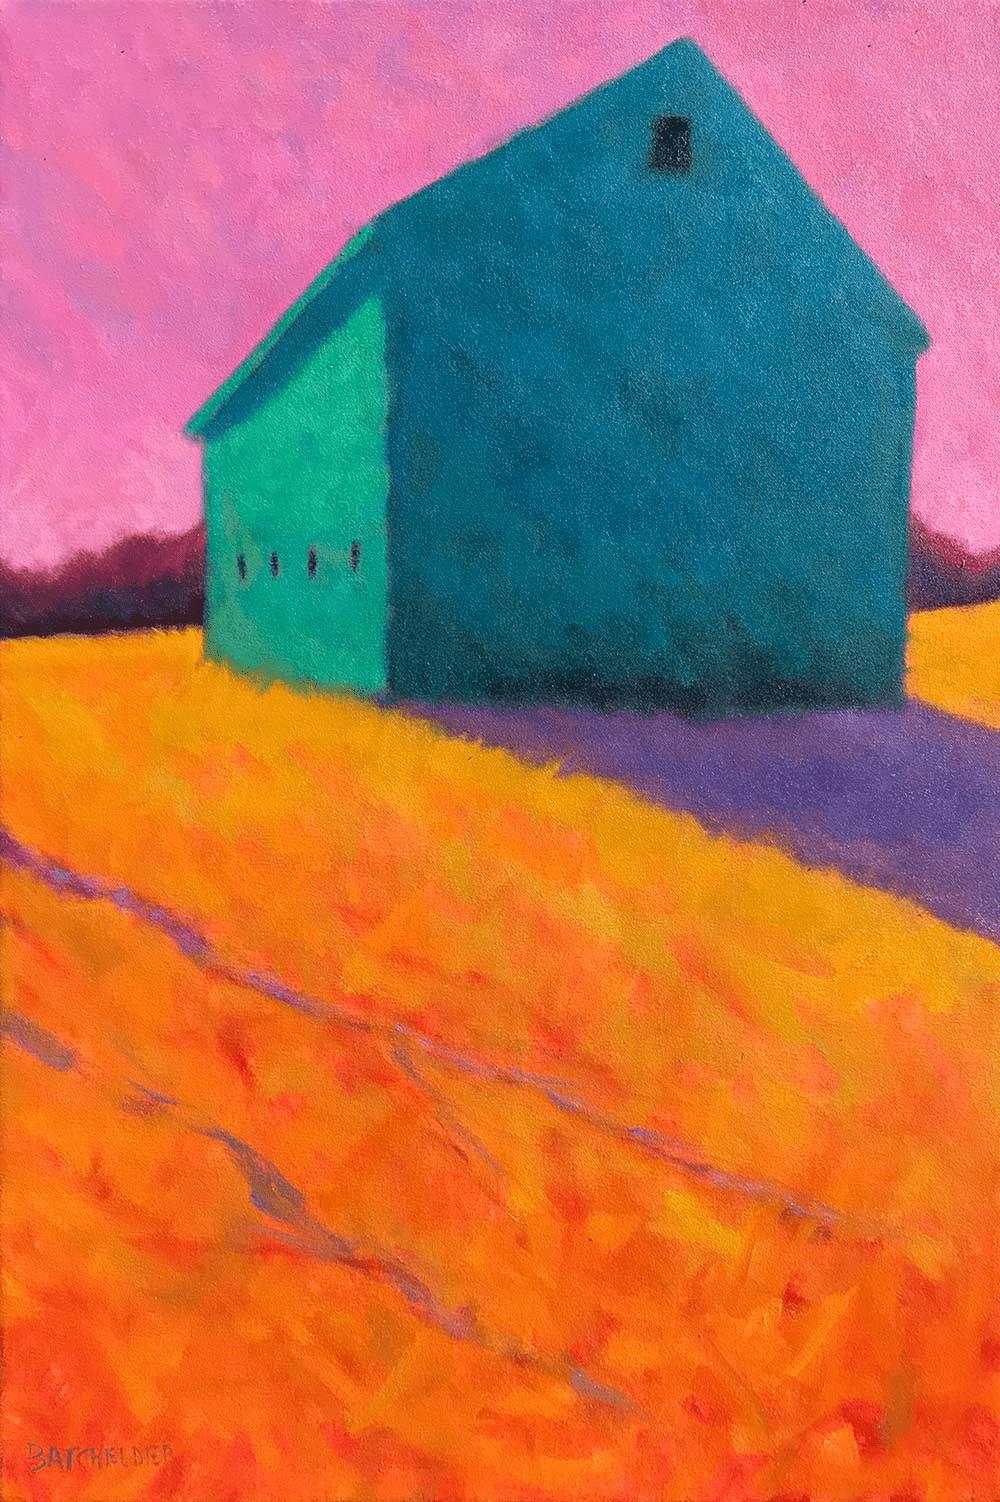 Peter Batchelder - Rose Sky